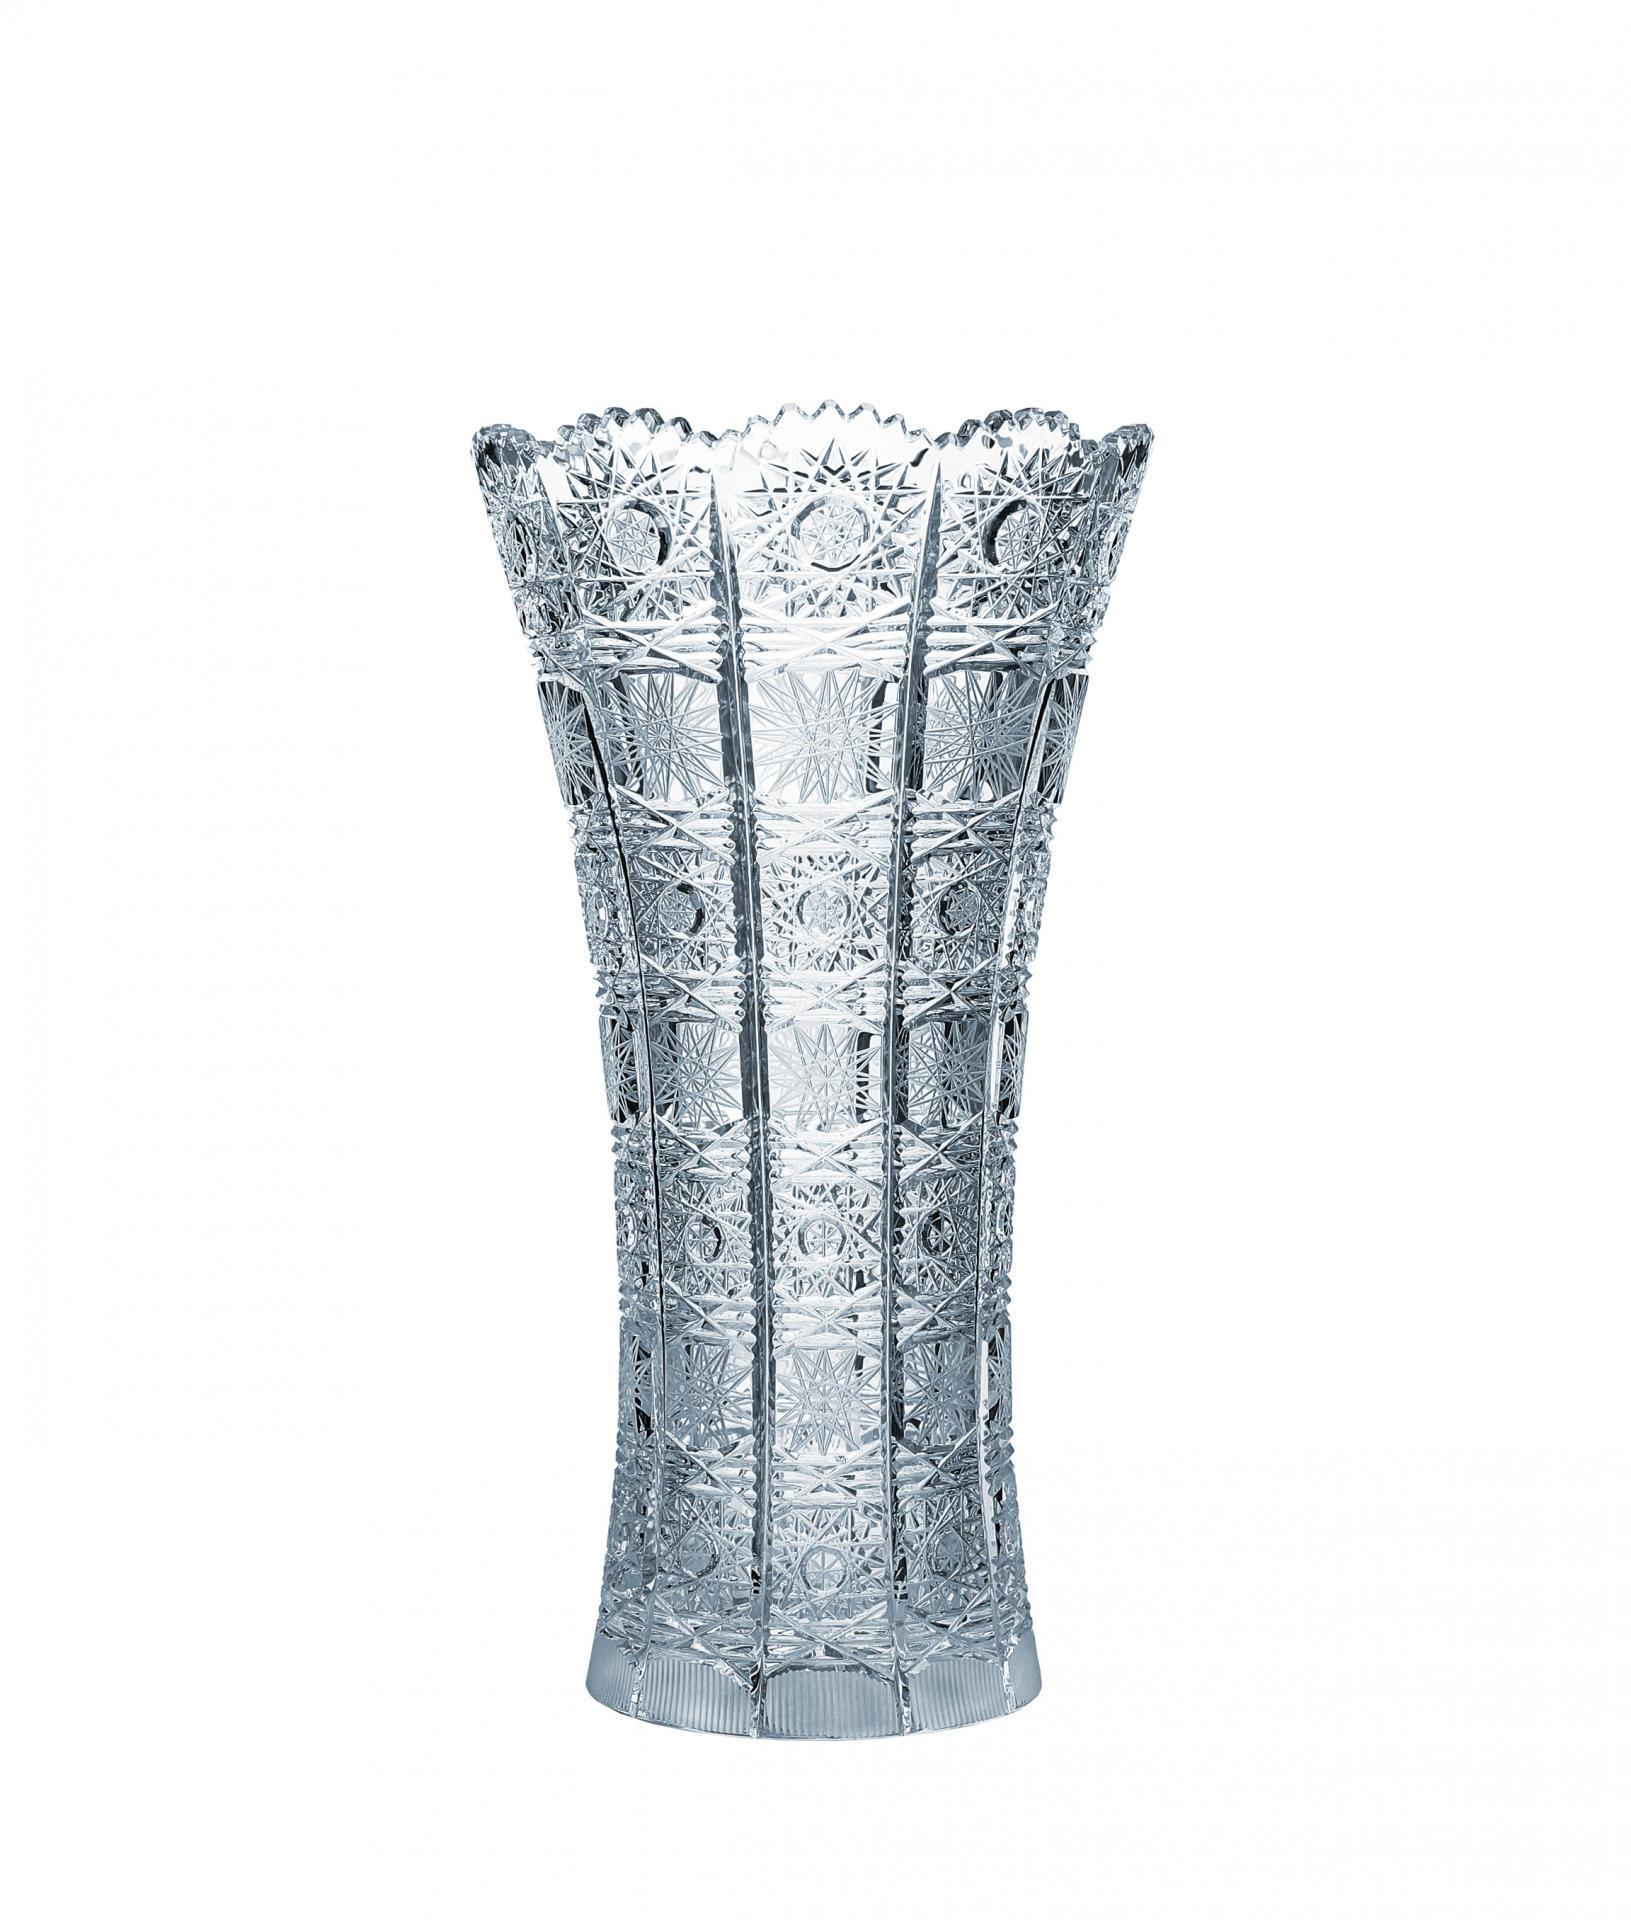 CRYSTAL BOHEMIA Křišťálová broušená váza Crystal BOHEMIA 25 cm, čirá barva, sklo